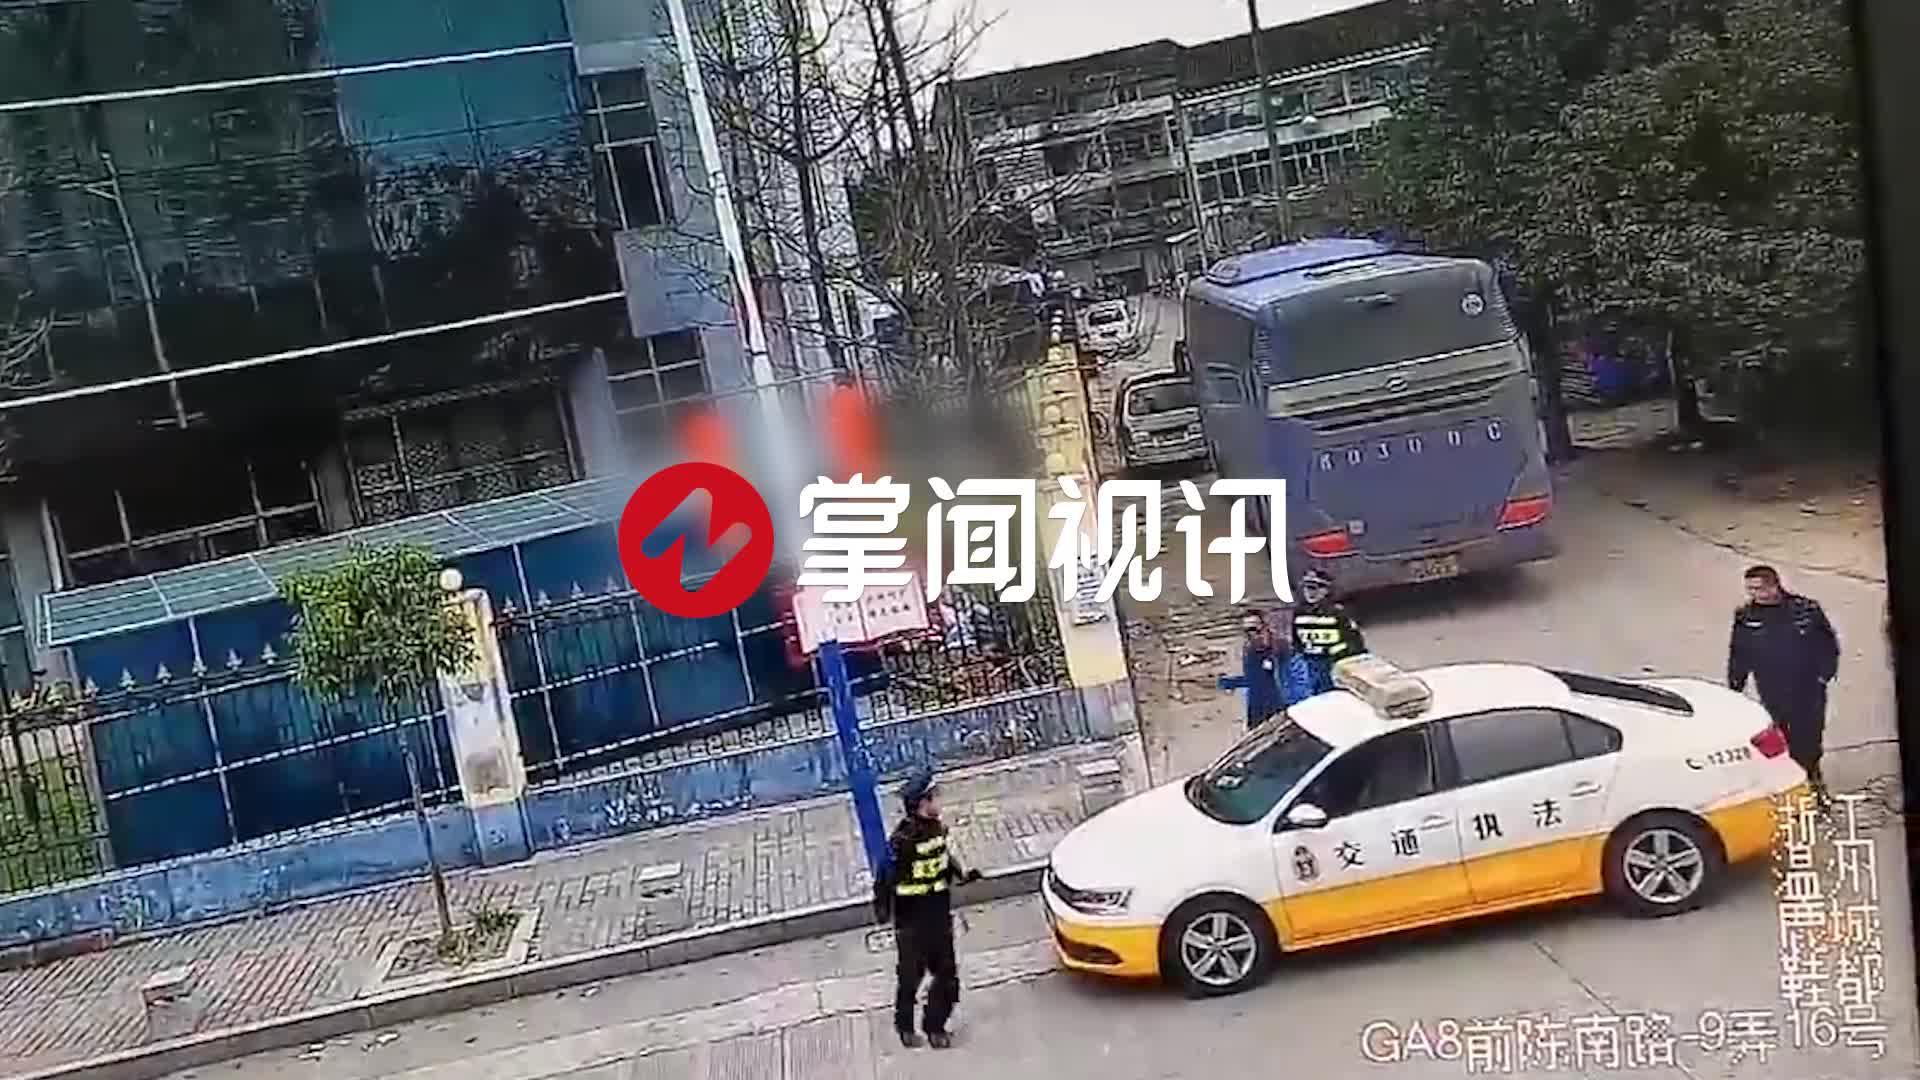 客车站外组客被执法人员发现 司机持伸缩棍打人砸车暴力抗法